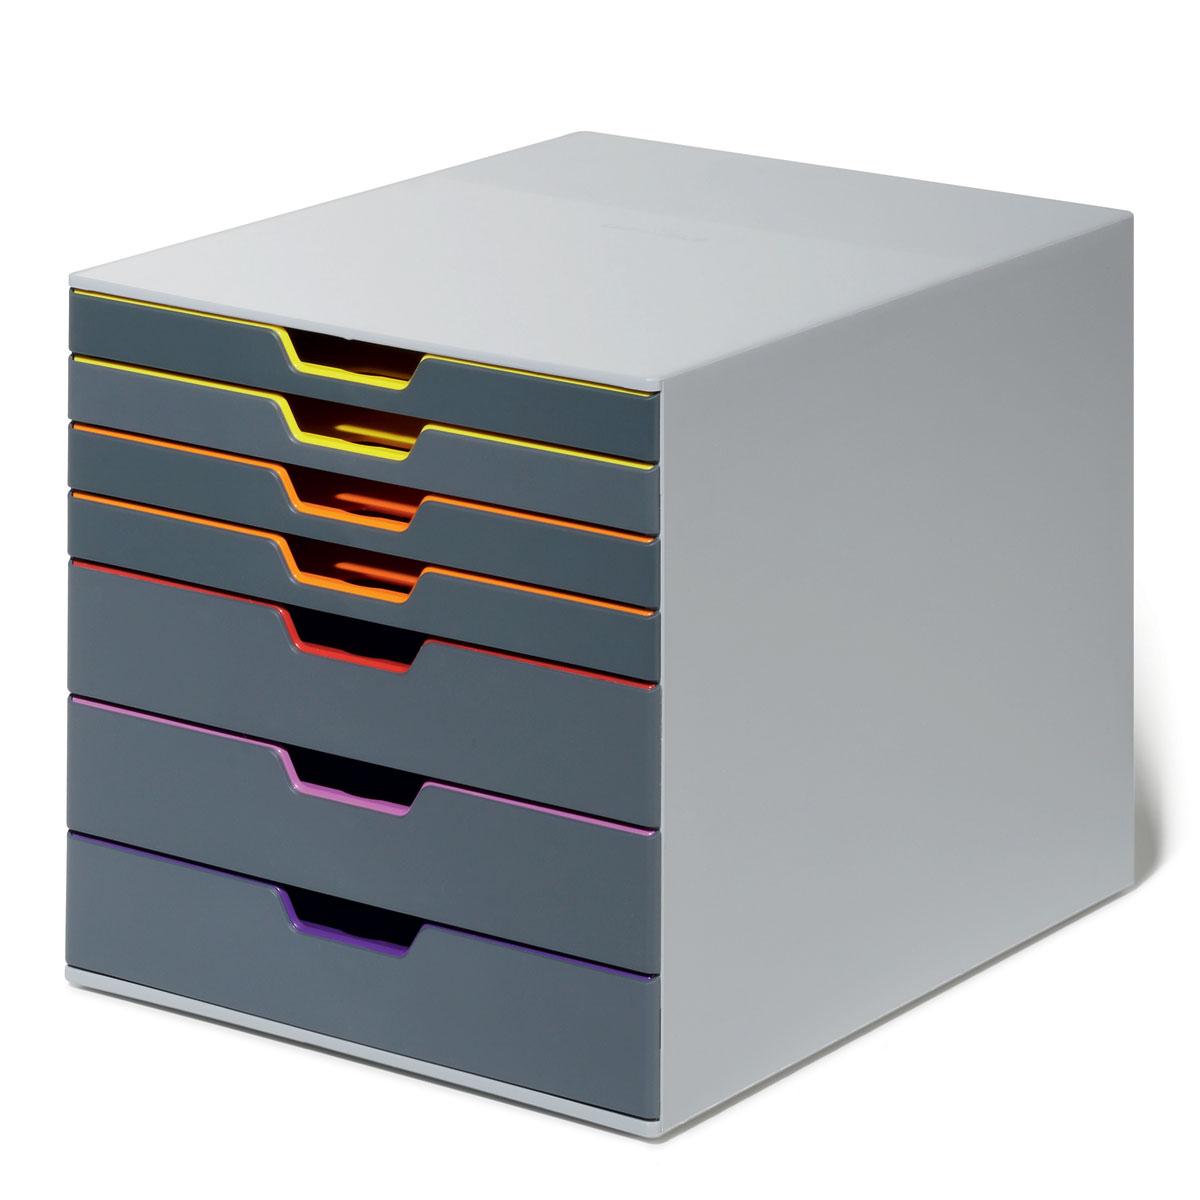 Короб для документов Durable Varicolor. 7607-2728907 4Короб для документов Durable Varicolor выполнен из высококачественного пластика. Выдвижные ящики закрытого типа, оснащены стопорами и табуляторами для маркировки. Боксы можно устанавливать друг на друга, фиксируются при помощи резиновых ножек.